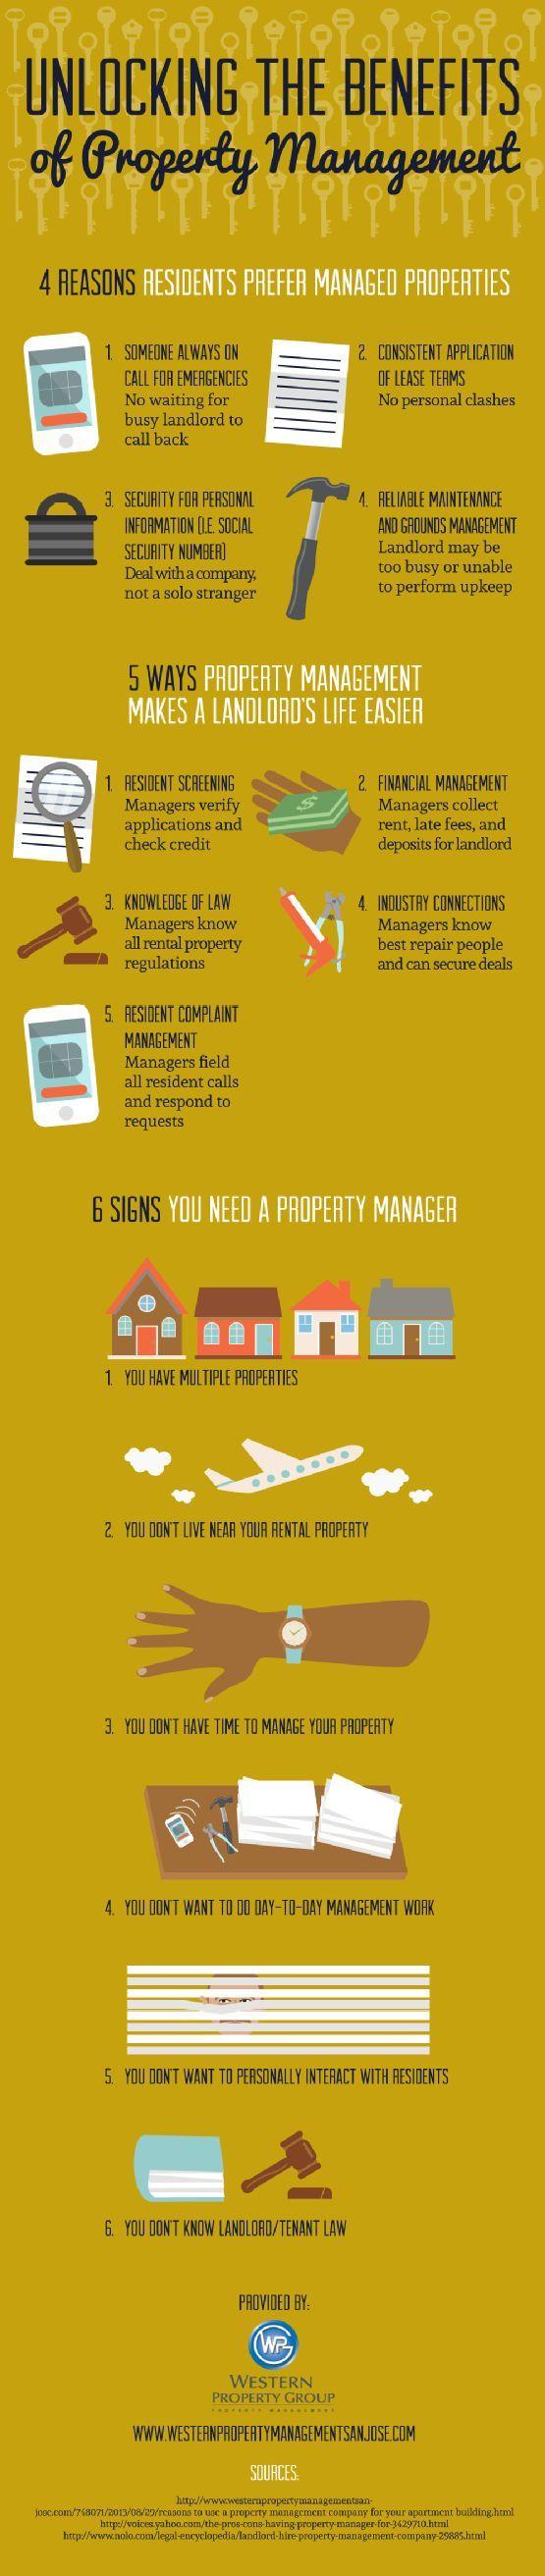 5 Ways Property Management Makes a Landlord's Life Easier - http://LandlordStation.com